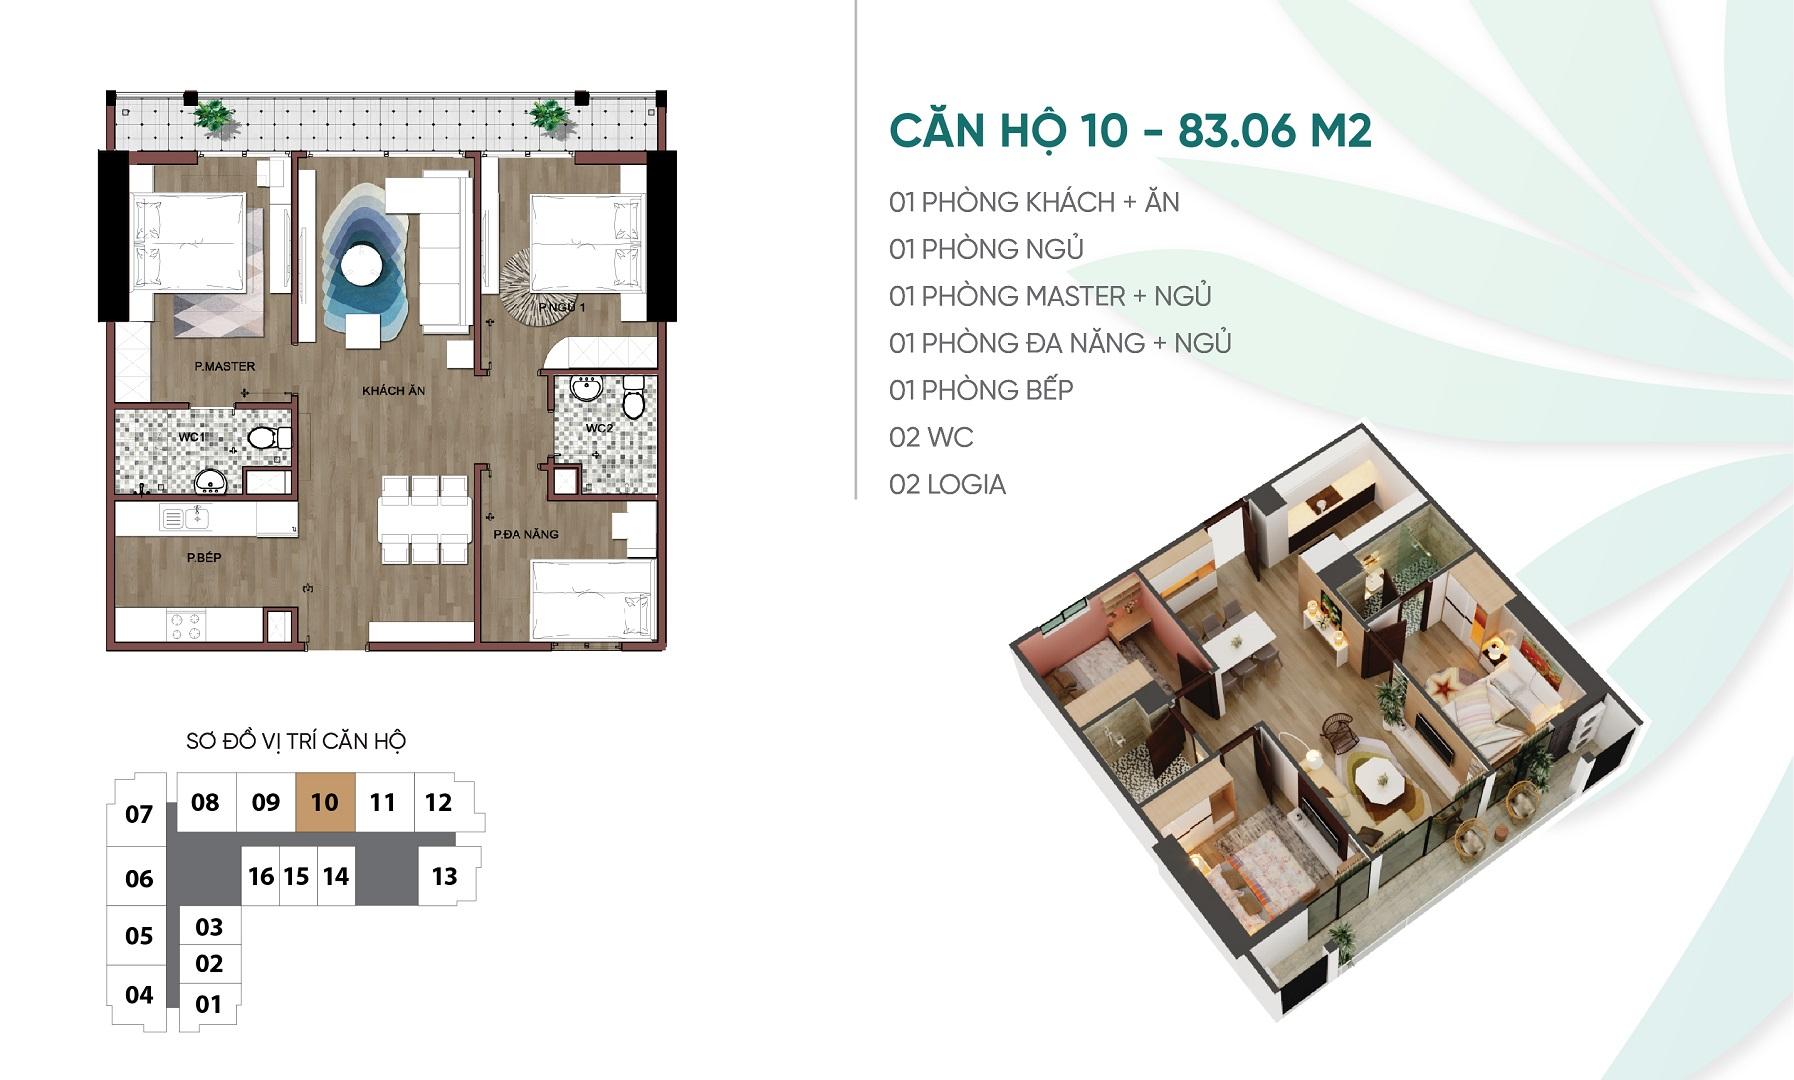 thiết kế căn hộ 10 dự án an bình plaza